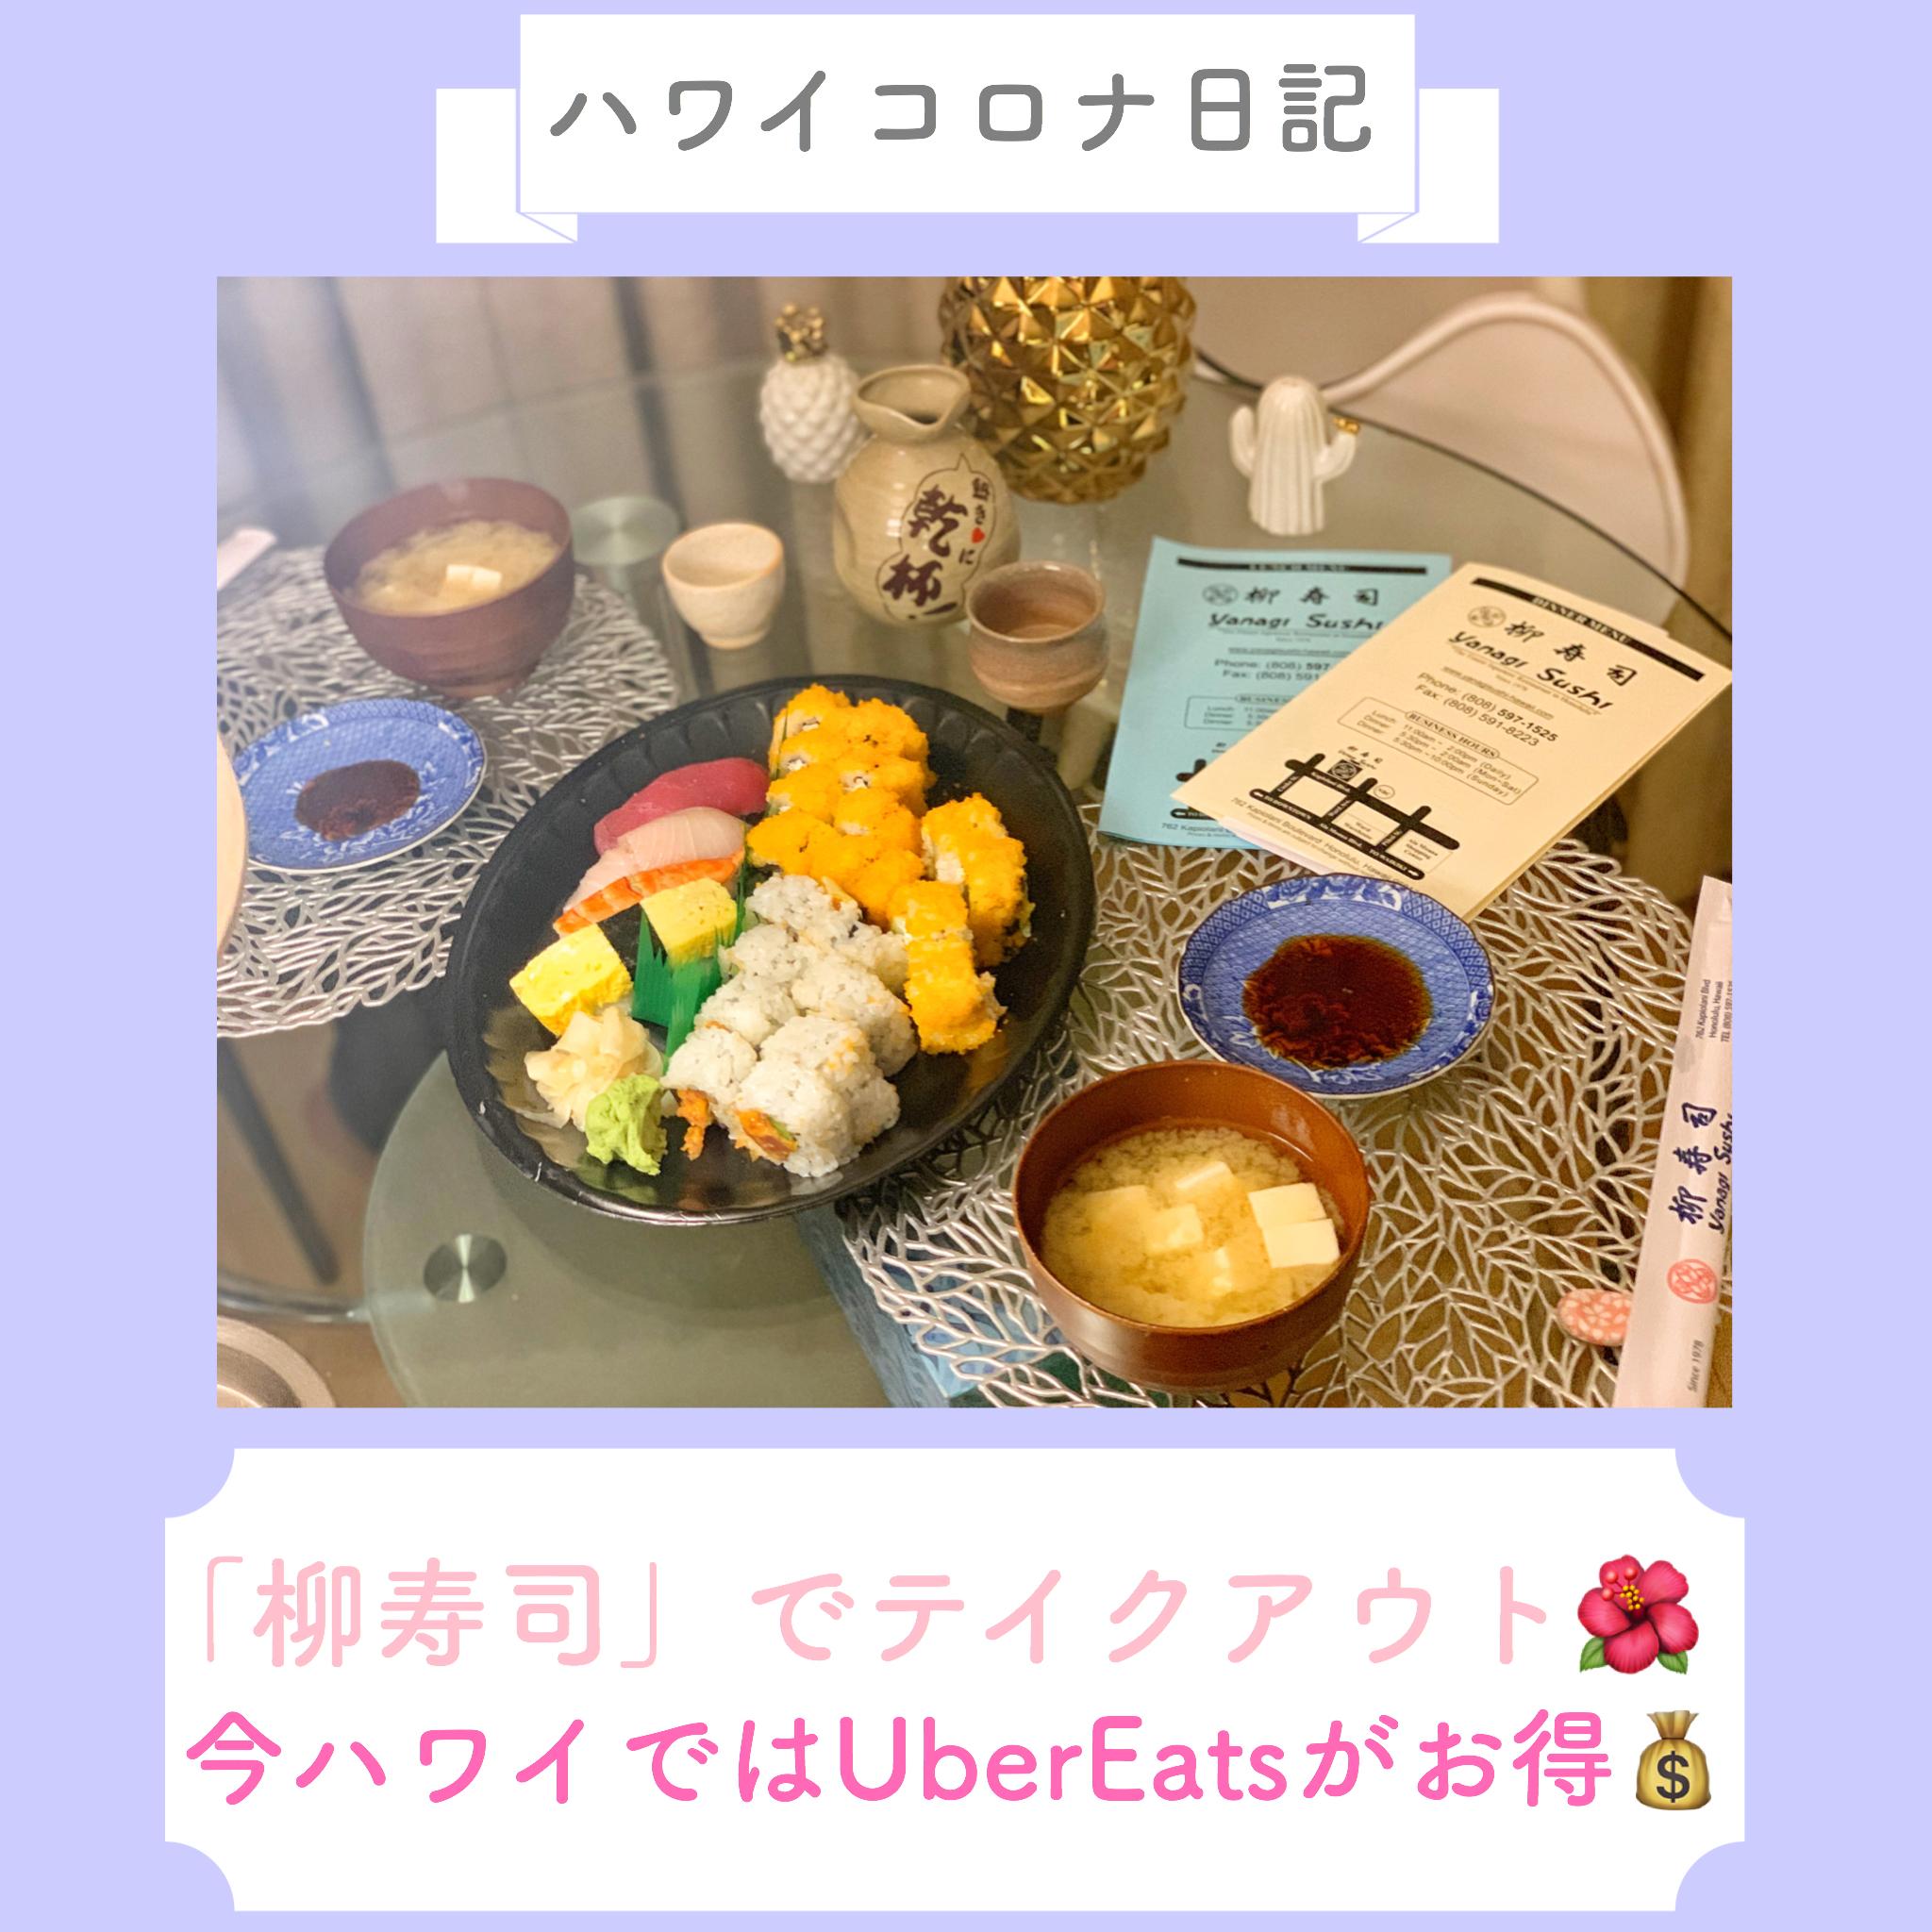 【ハワイロックダウン】「柳寿司」でテイクアウトディナー 【UberEatsがお得】